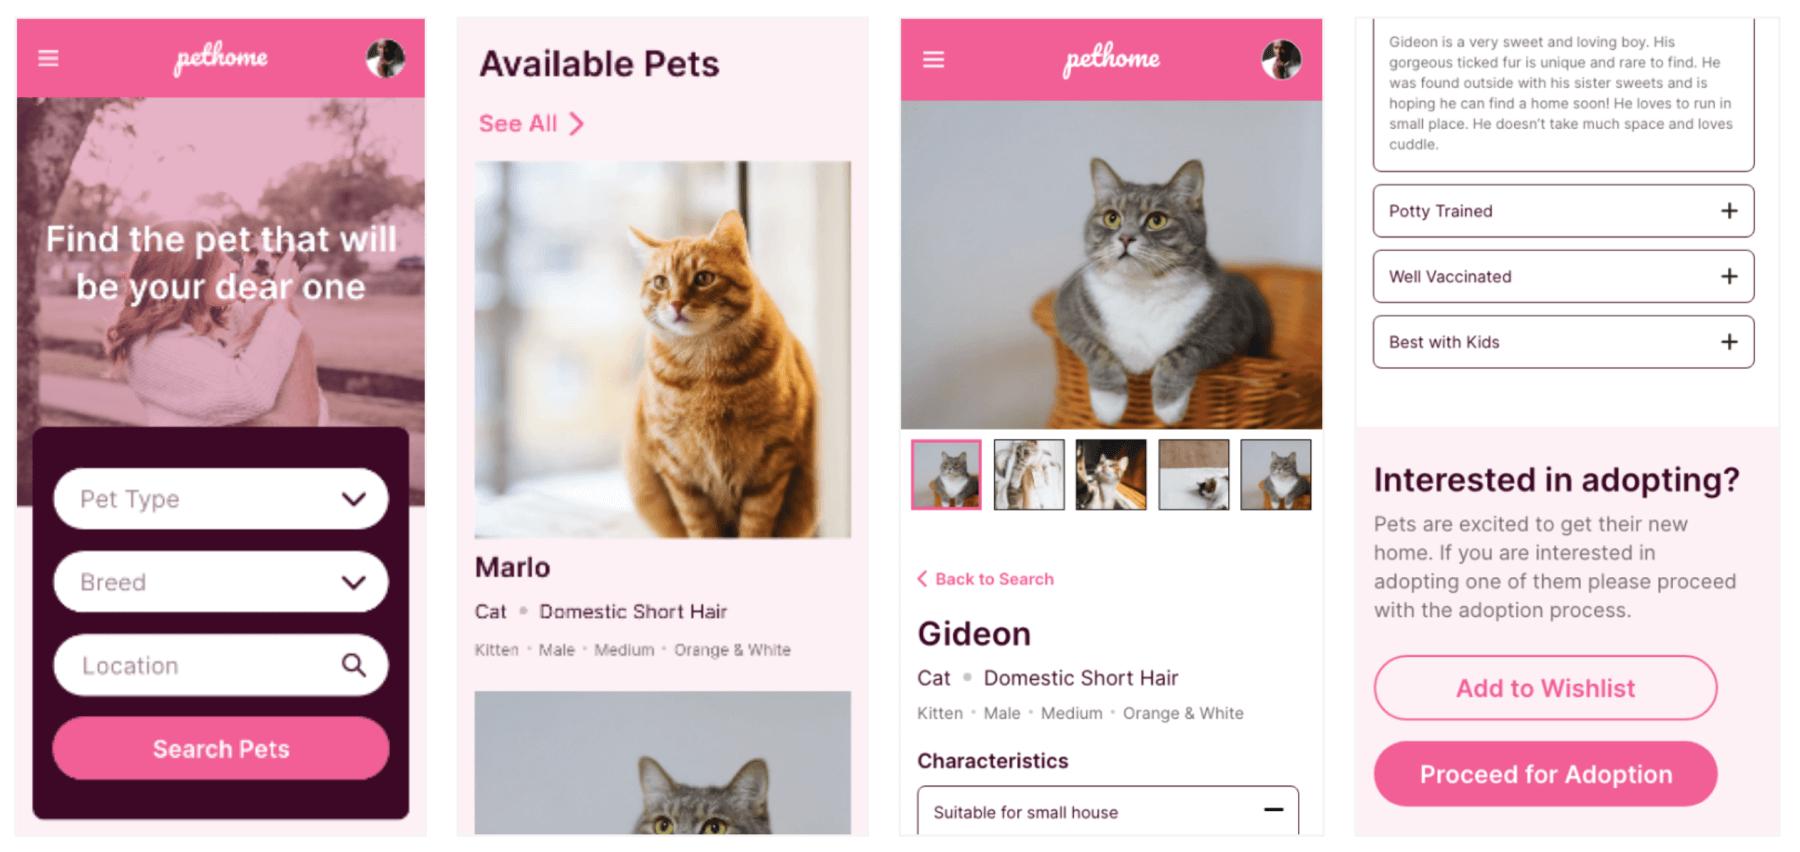 Mobile Mockups for PetHome